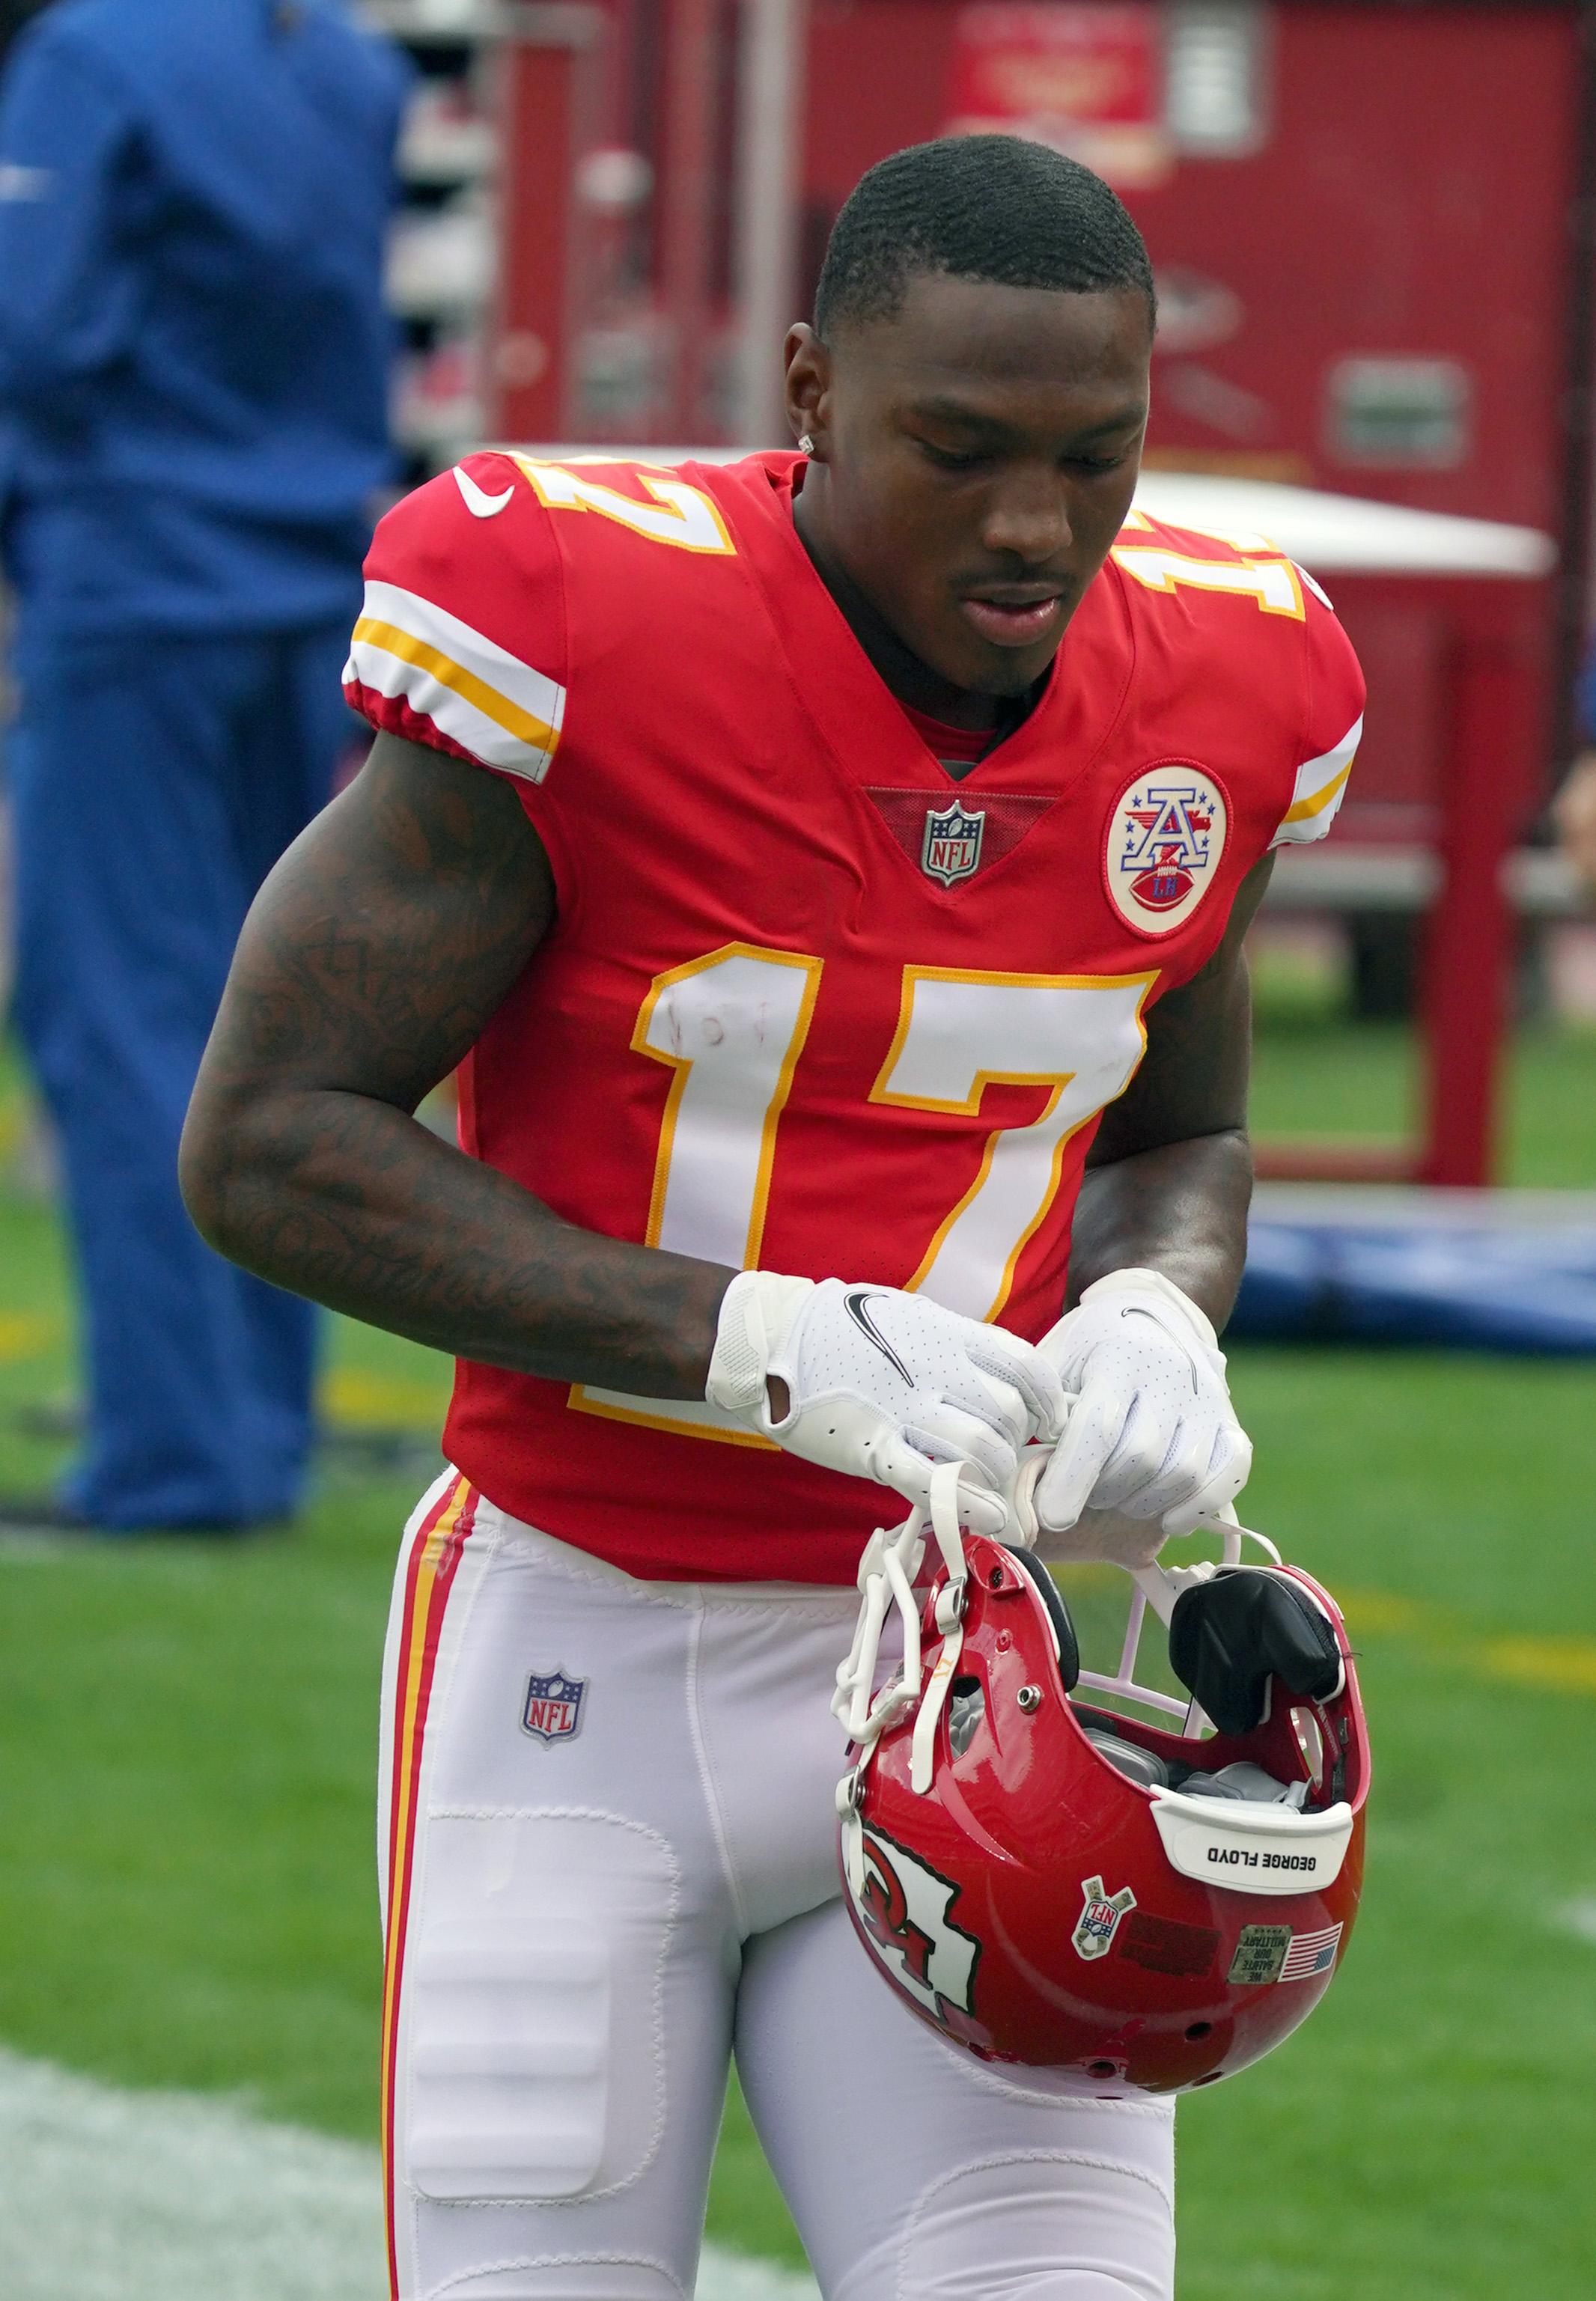 NFL: Carolina Panthers at Kansas City Chiefs